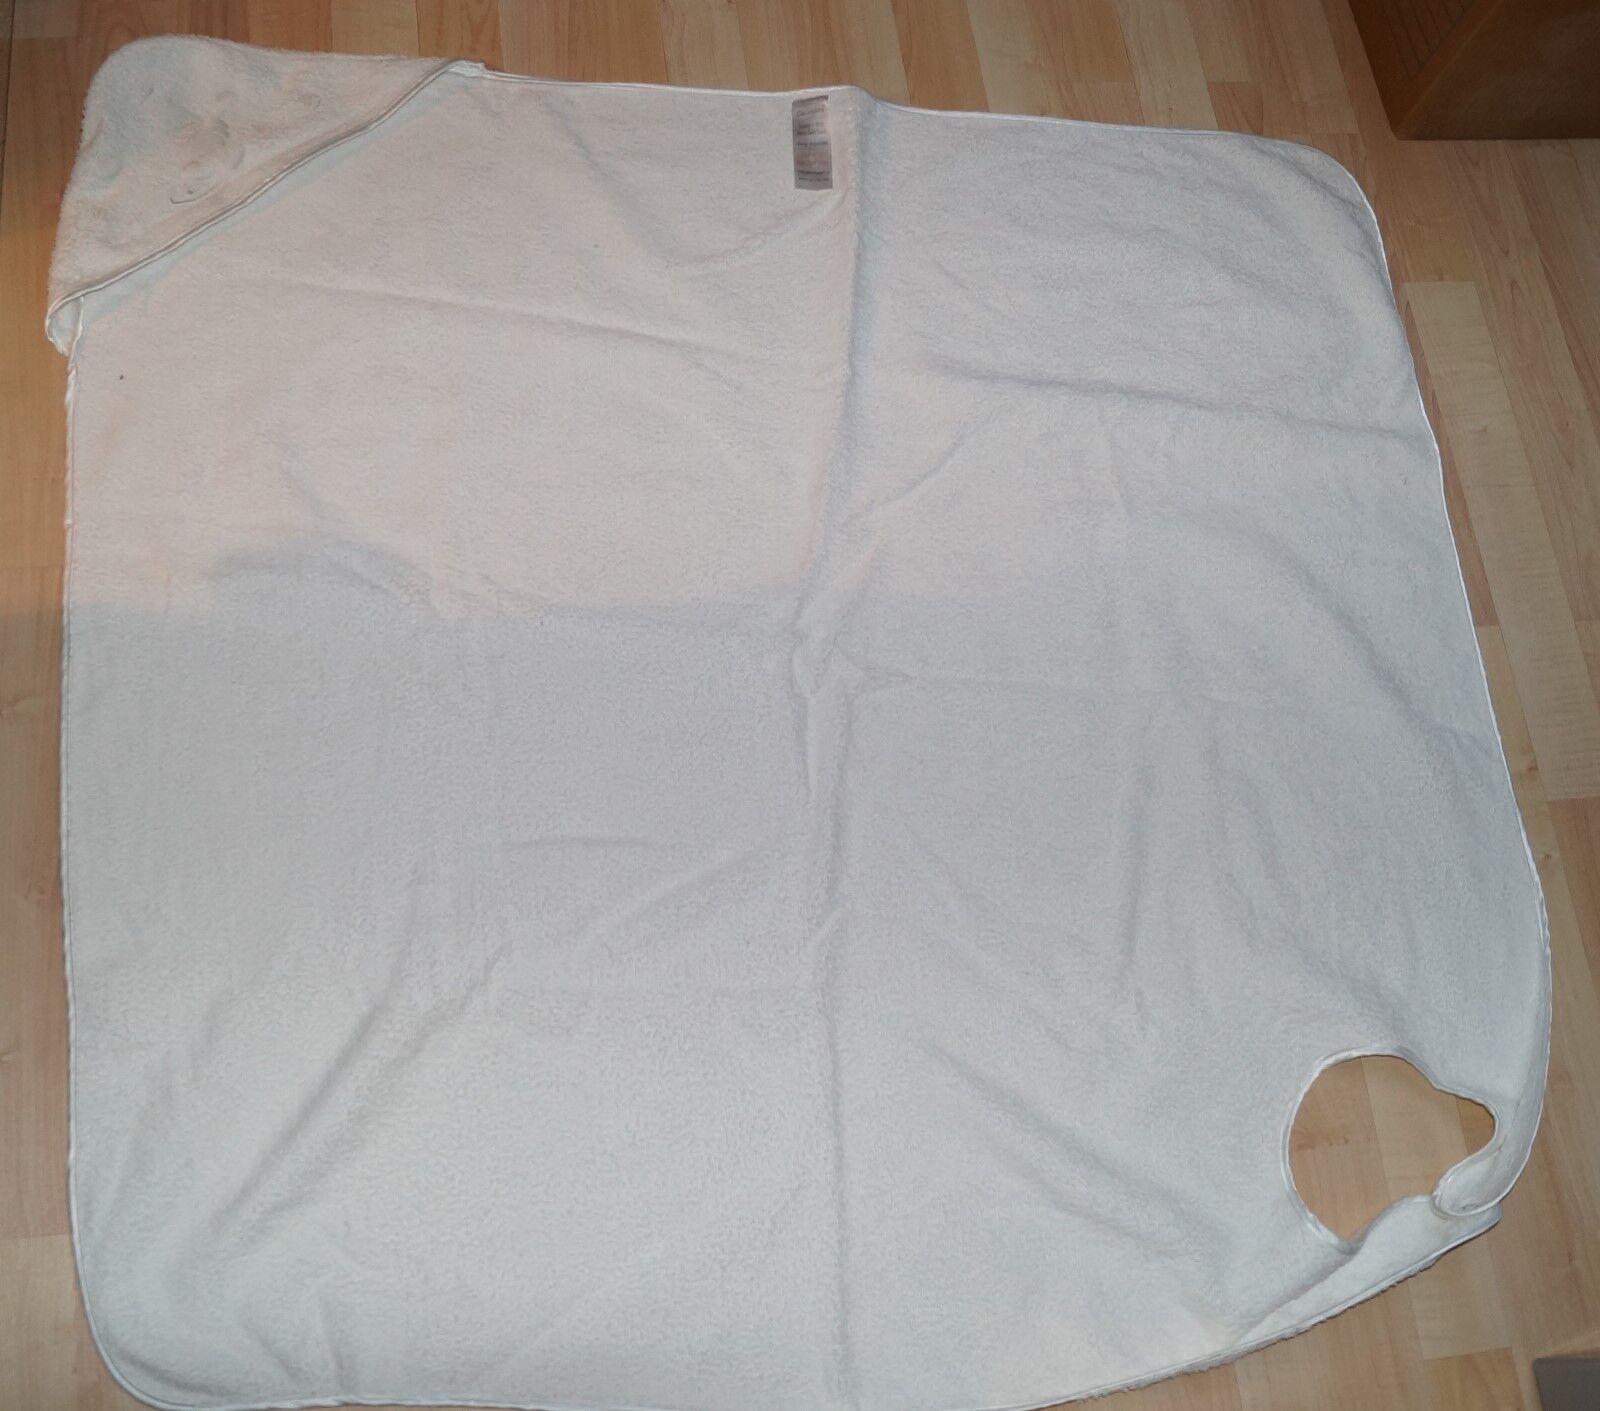 Kapuzenhandtuch Baby Bade Handtuch weiß groß 104x98cm 100% BW von Clevamama